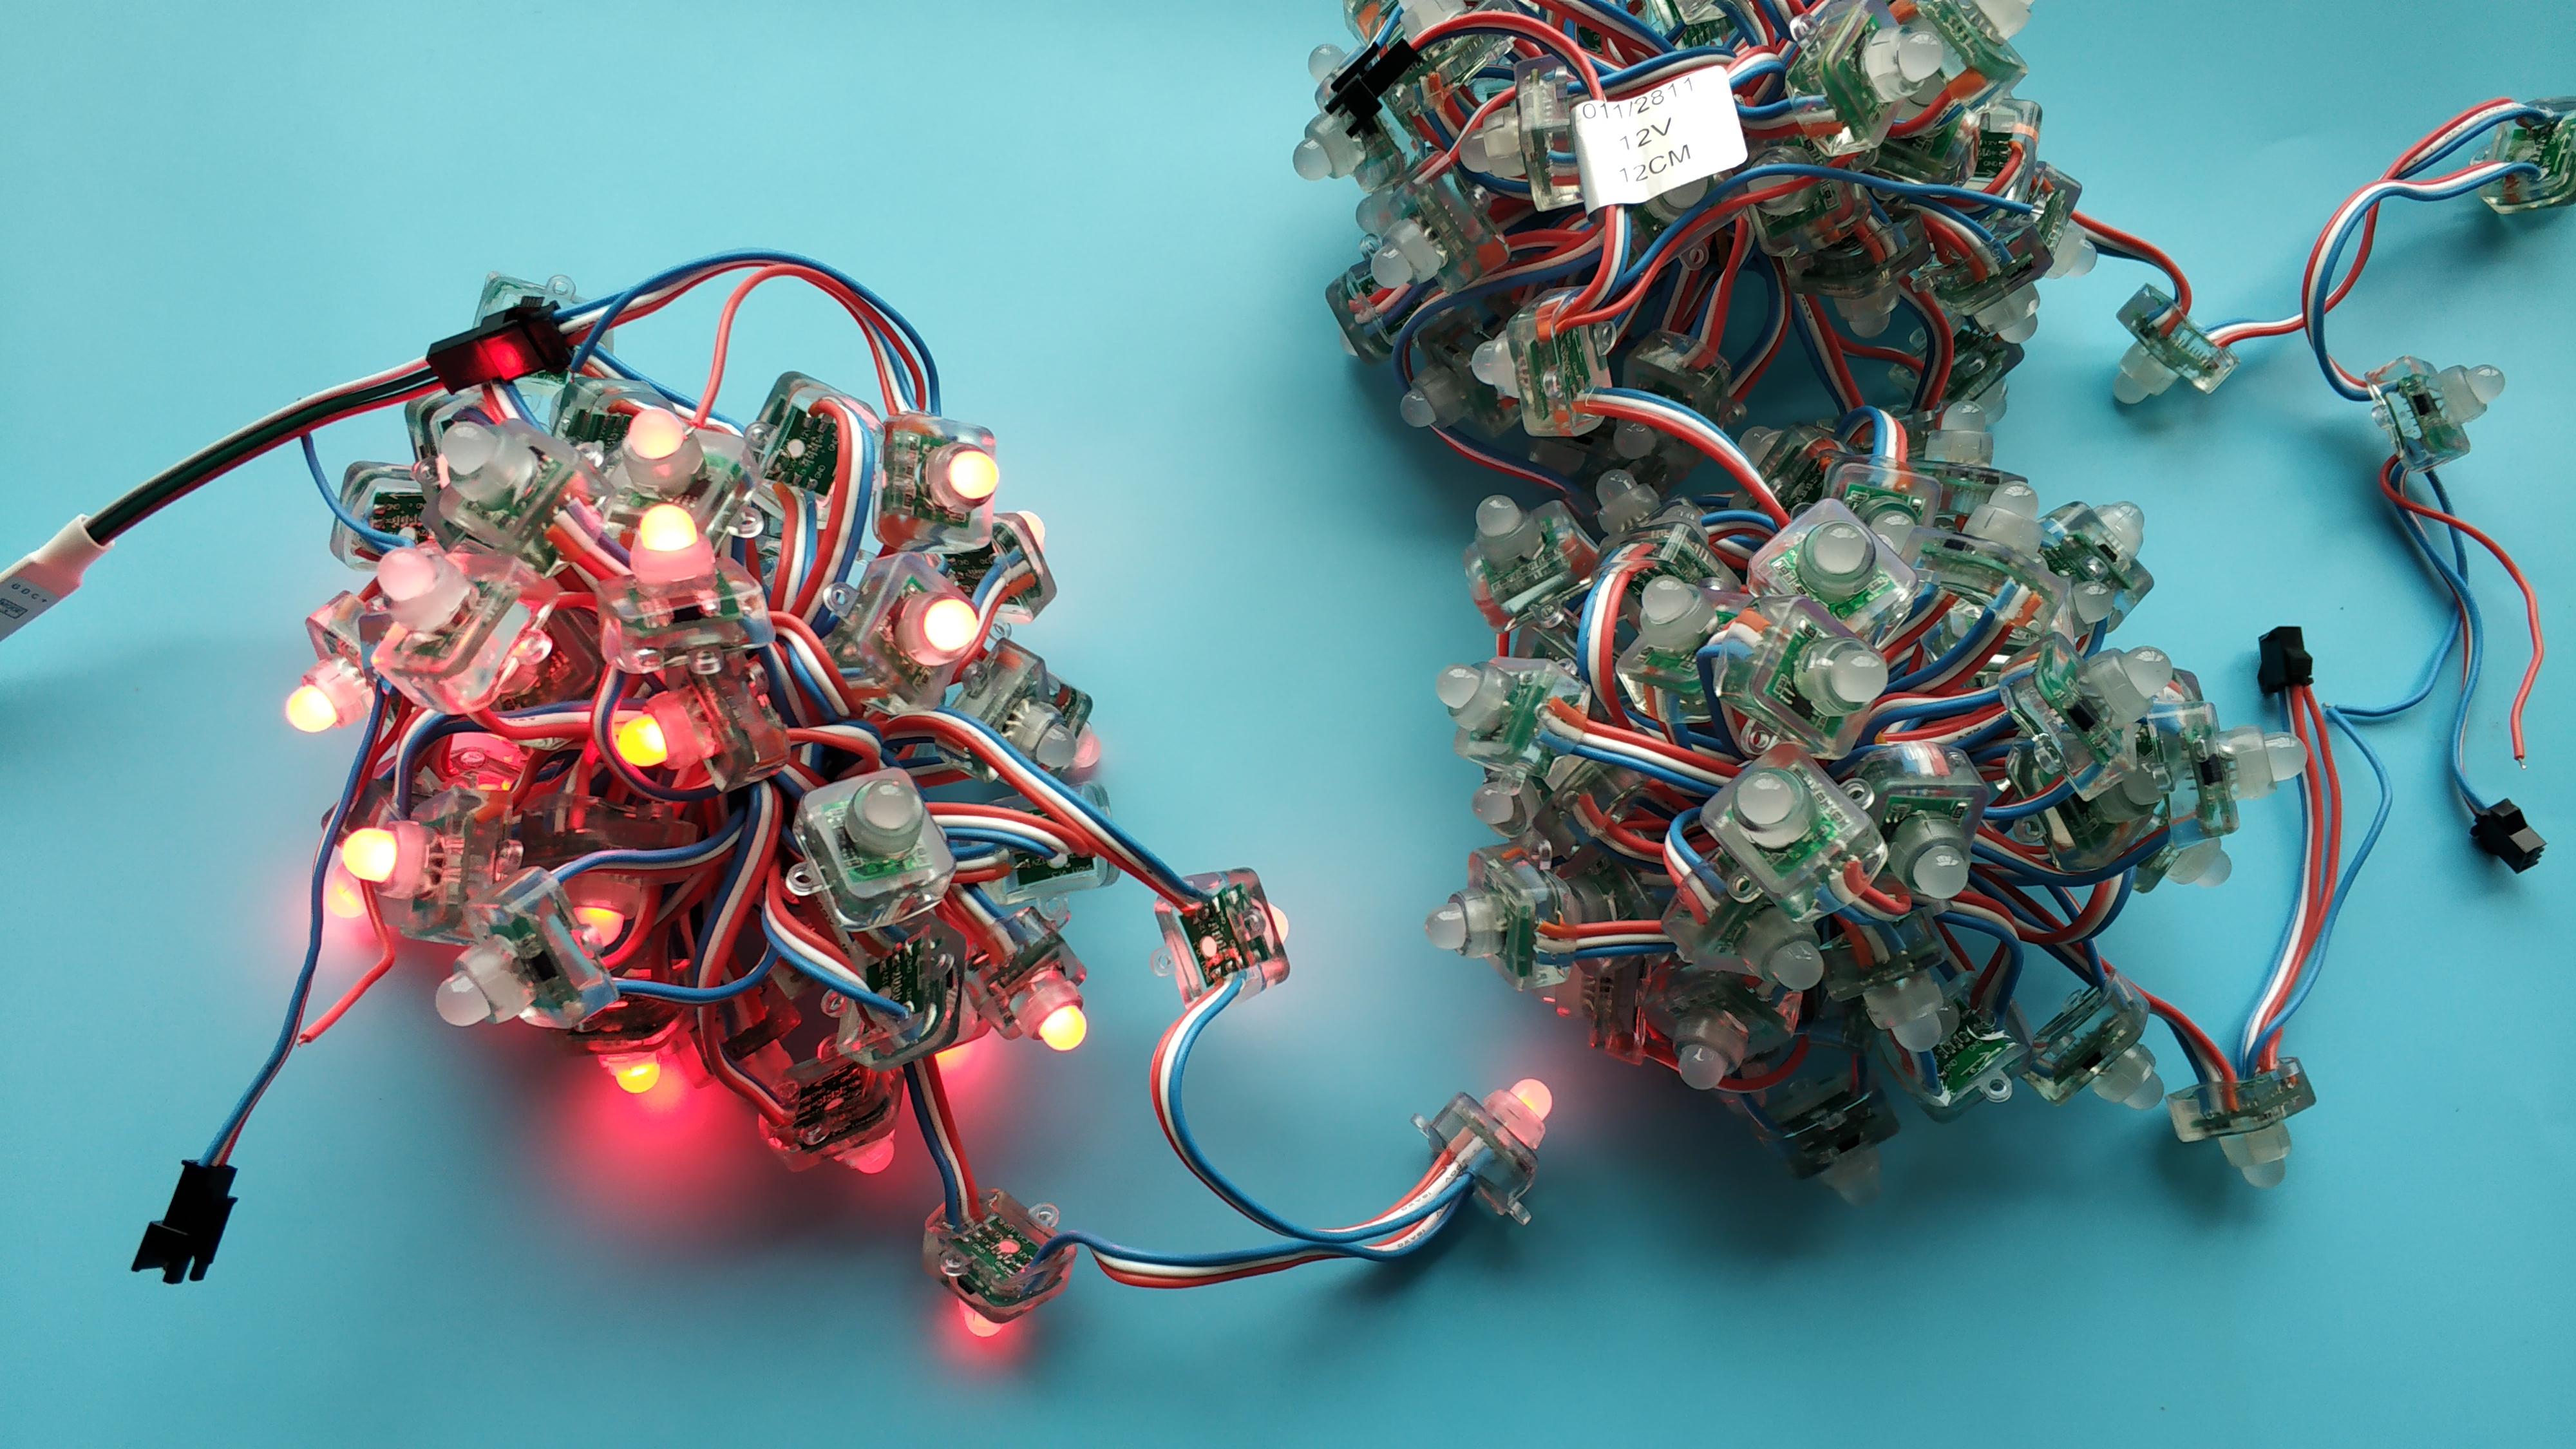 12V WS2811 RGB LED pixel node module string